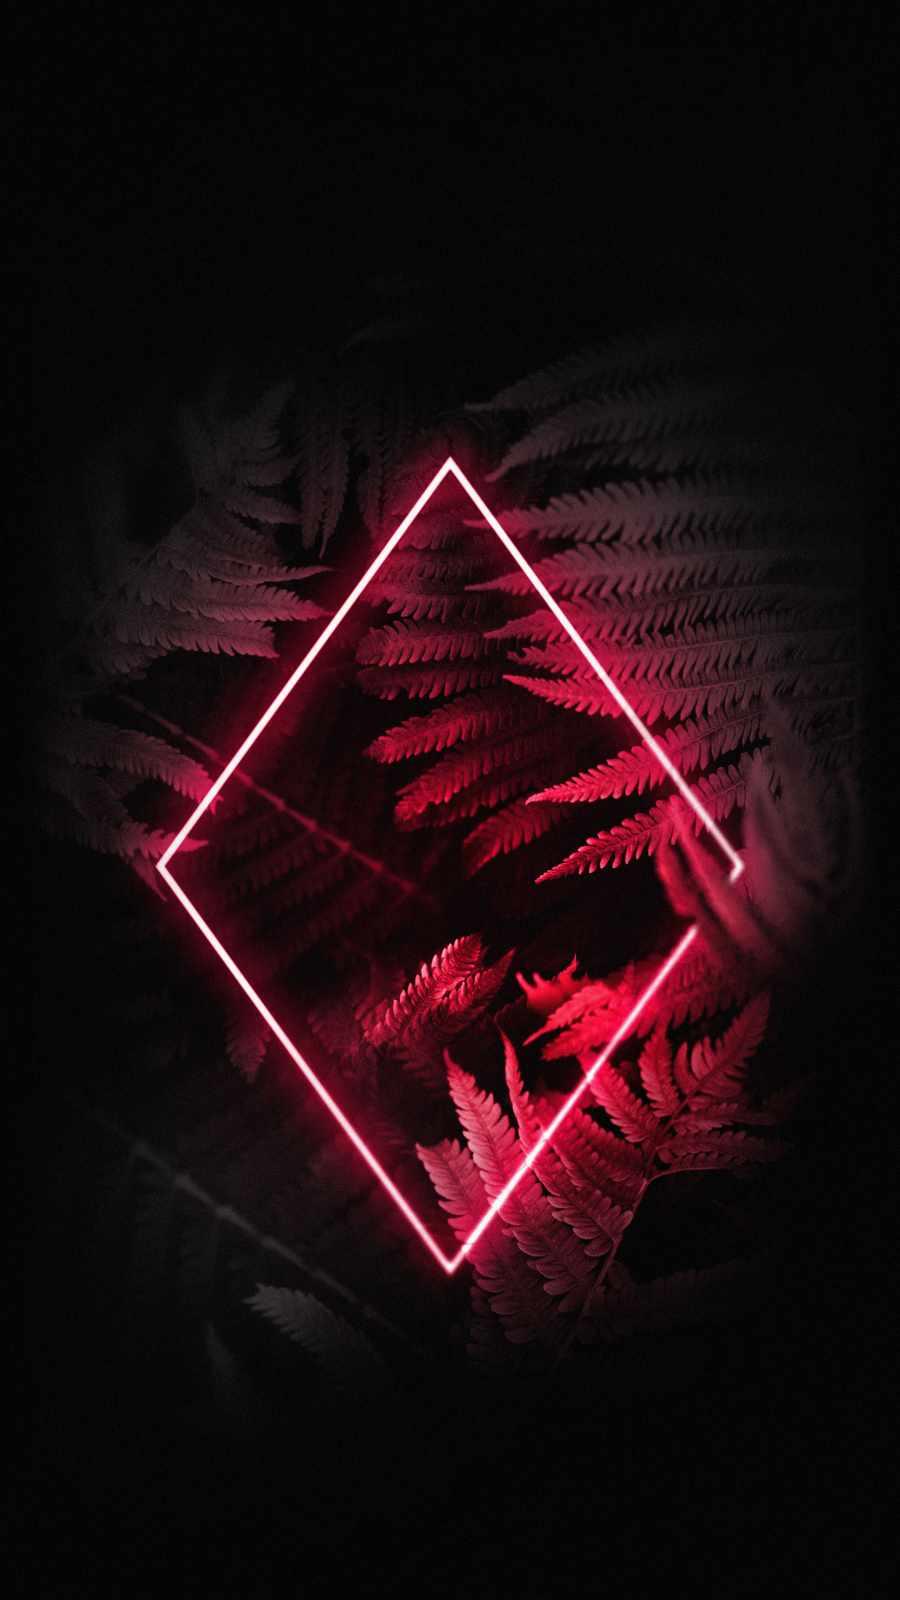 Red Rhombus Neon